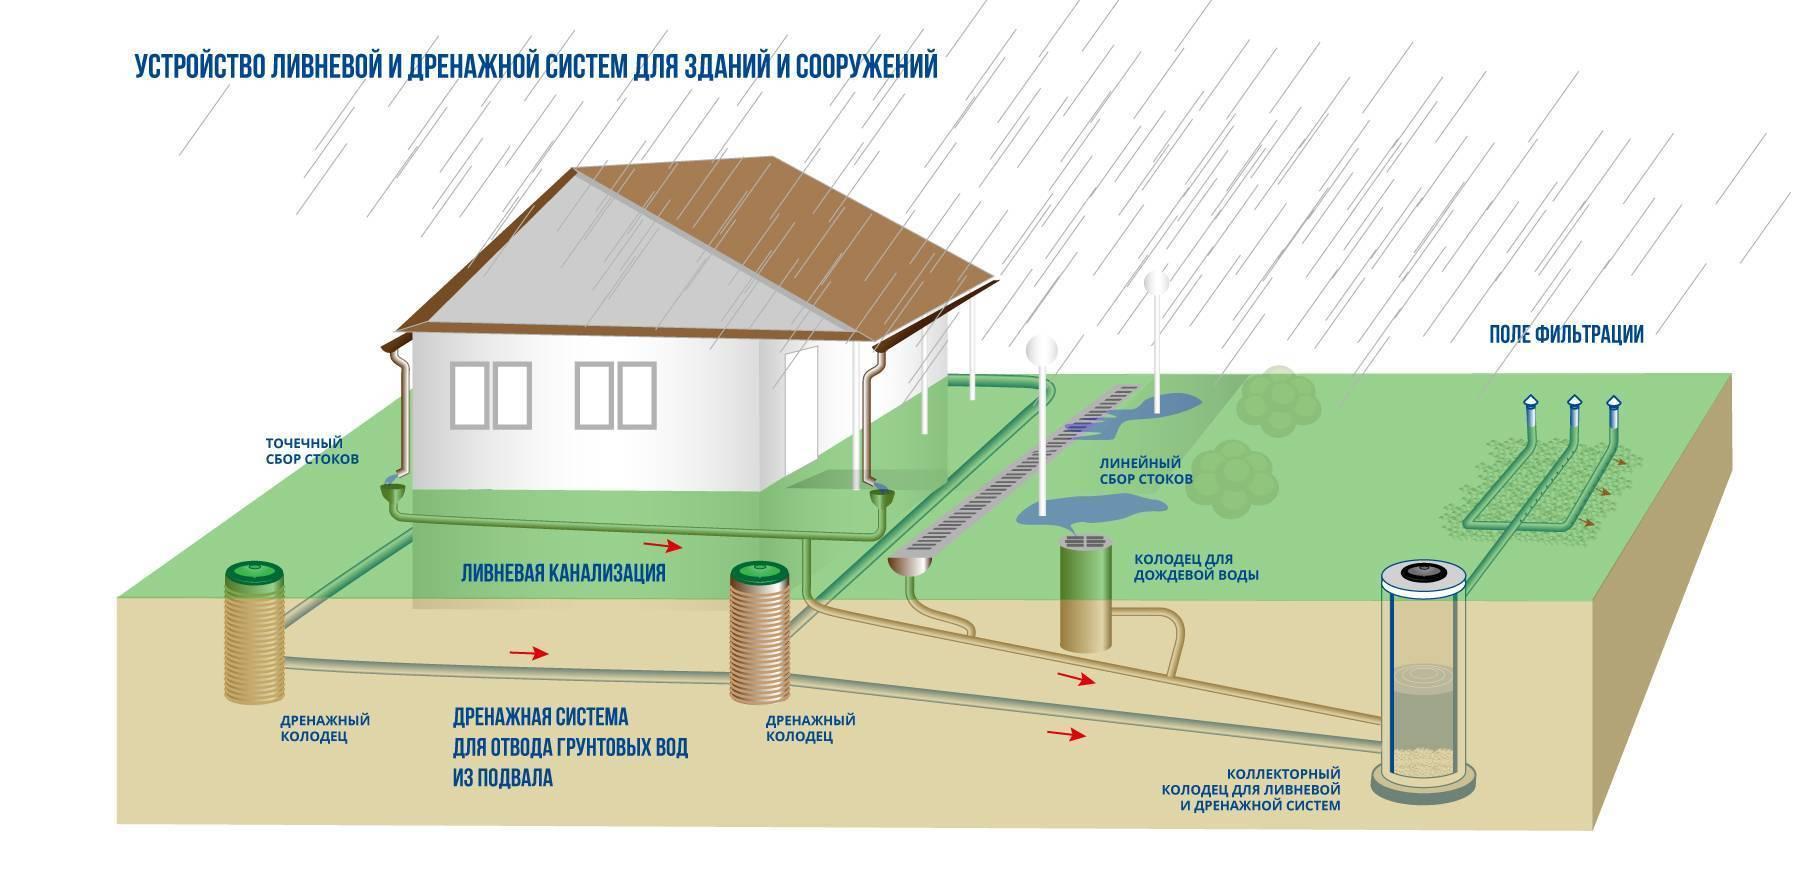 Что такое водоотведение в коммунальных платежах. у вас правильно посчитано?